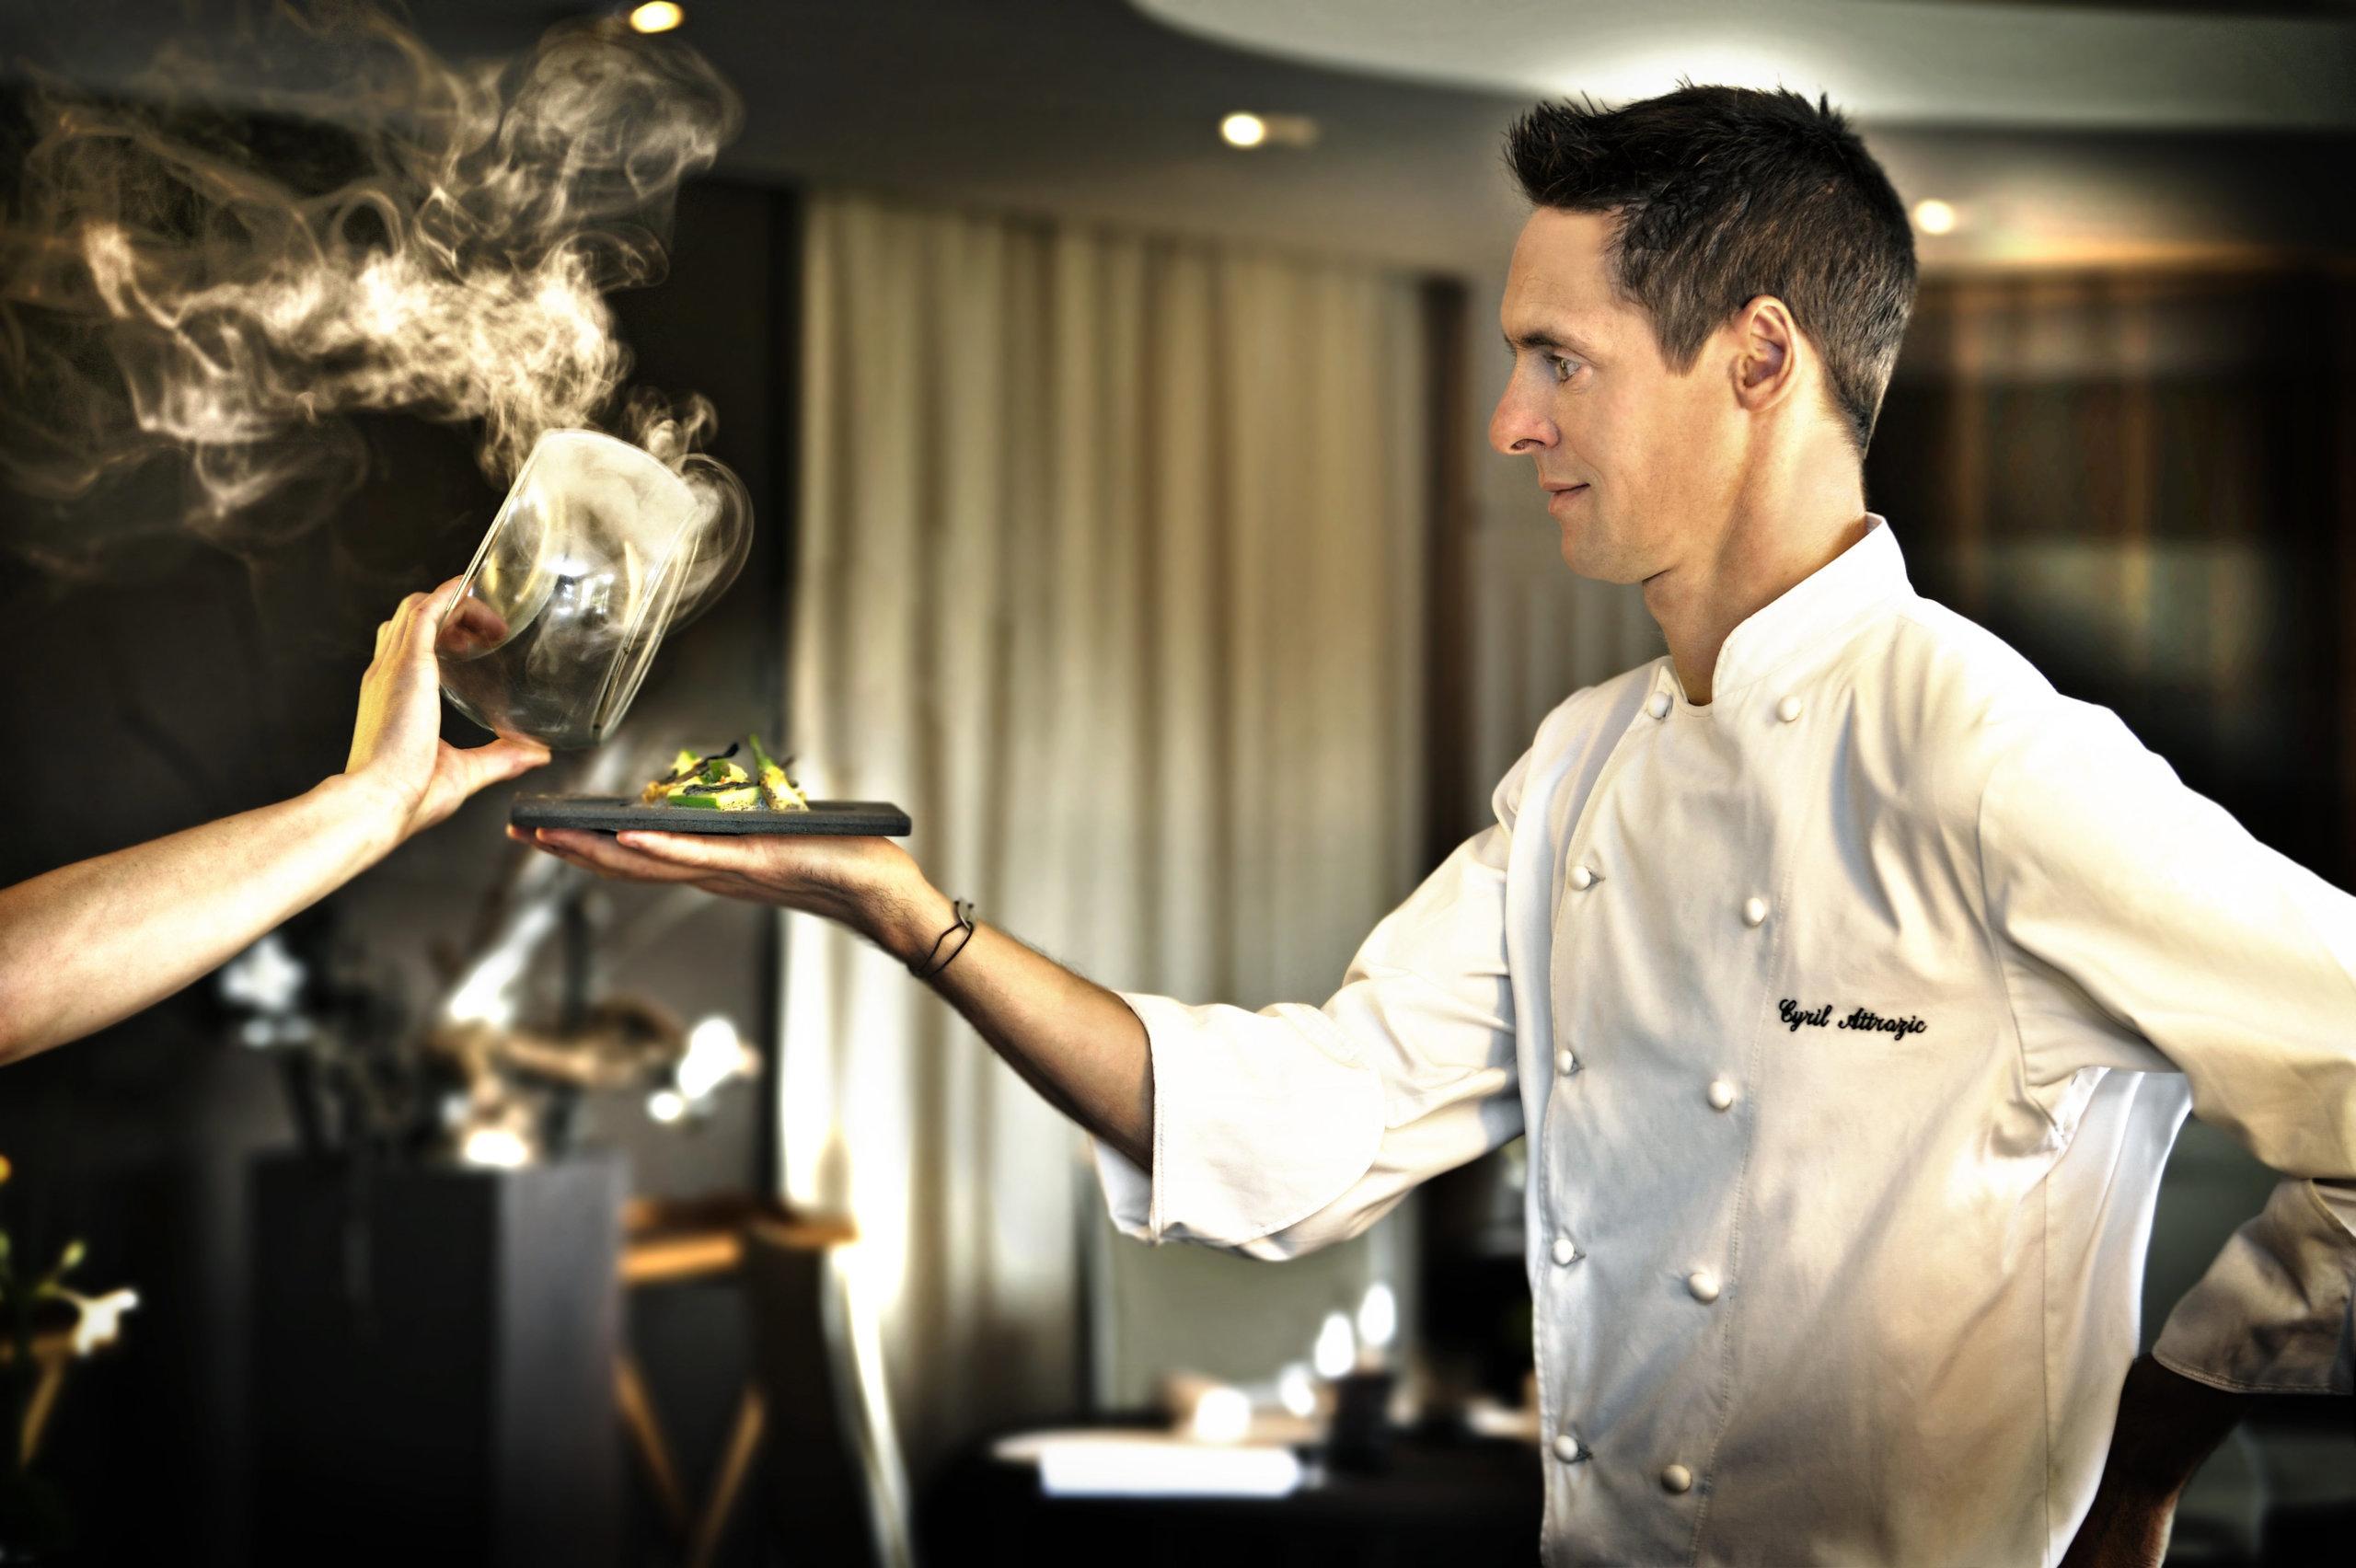 Chef en veste de cuisine de profil avec un plat dans la main